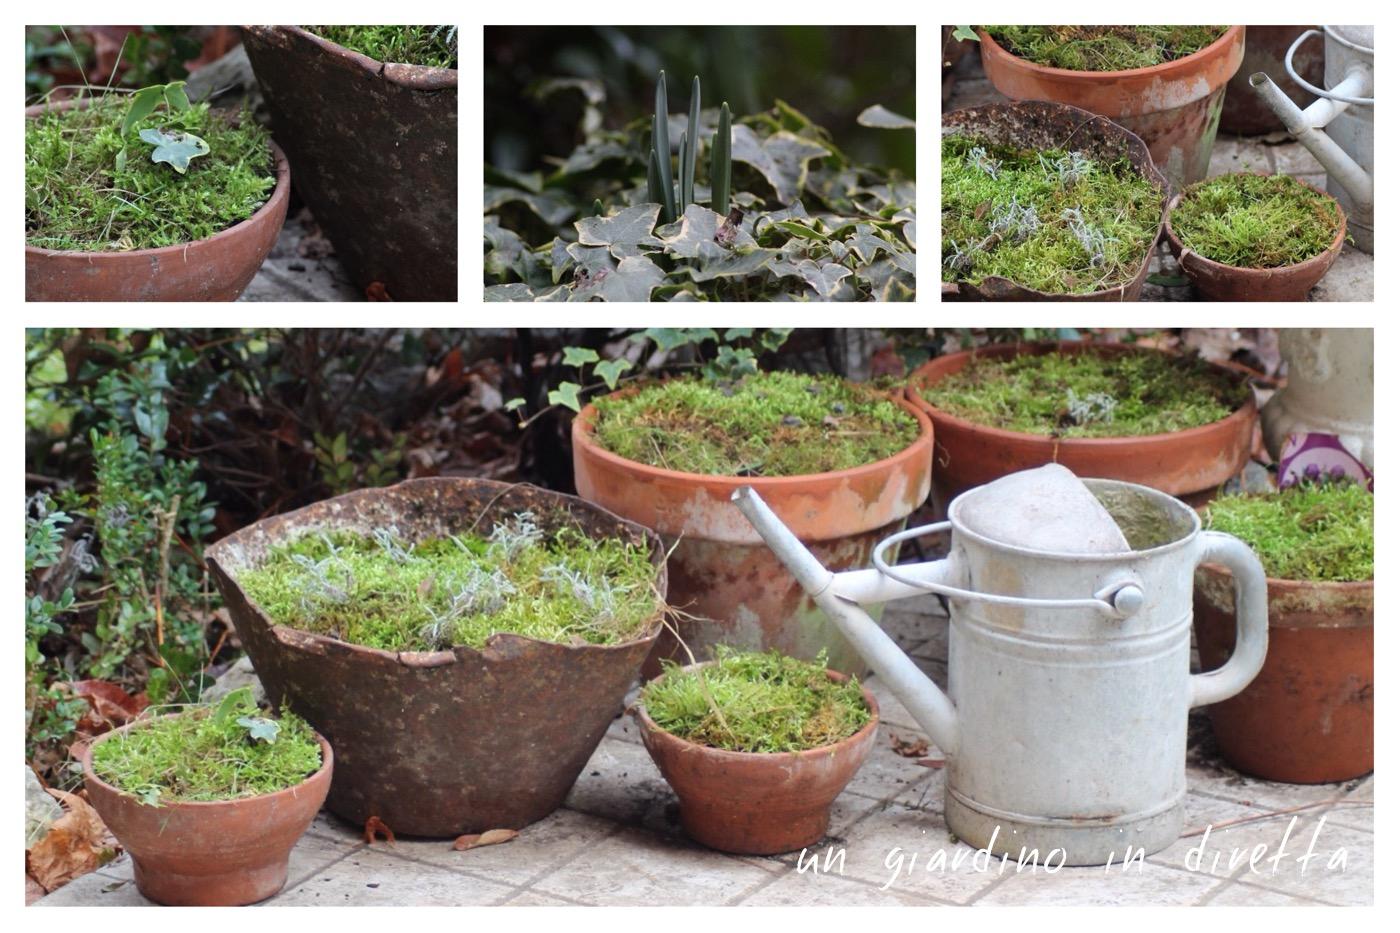 Febbraio lavori in giardino un giardino in diretta - Lavori in giardino ...